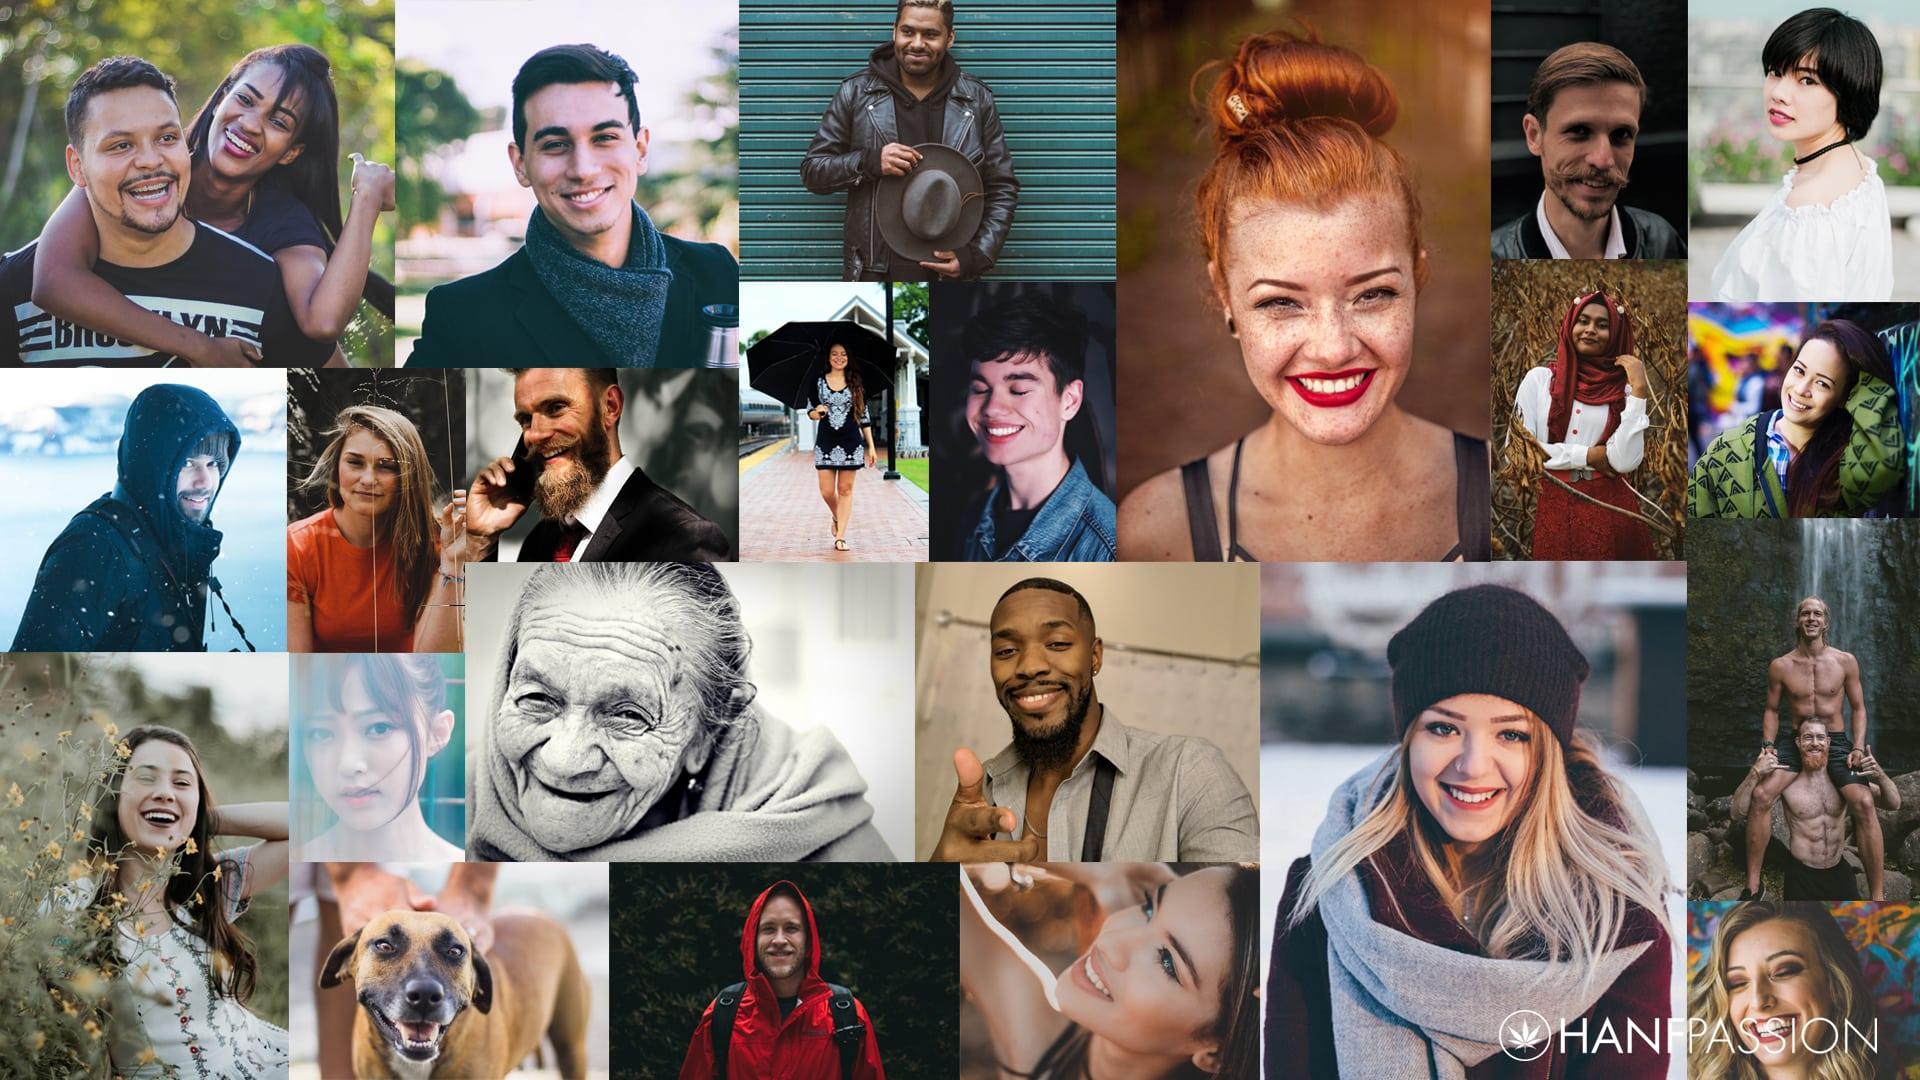 HANFPASSION steht für höchste Qualitätsprodukte aus Cannabis. Das Bild ist eine Montage von mehreren Fotos und auf den einzelnen Fotos sind Menschen mit großem Lachen auf dem Gesicht.